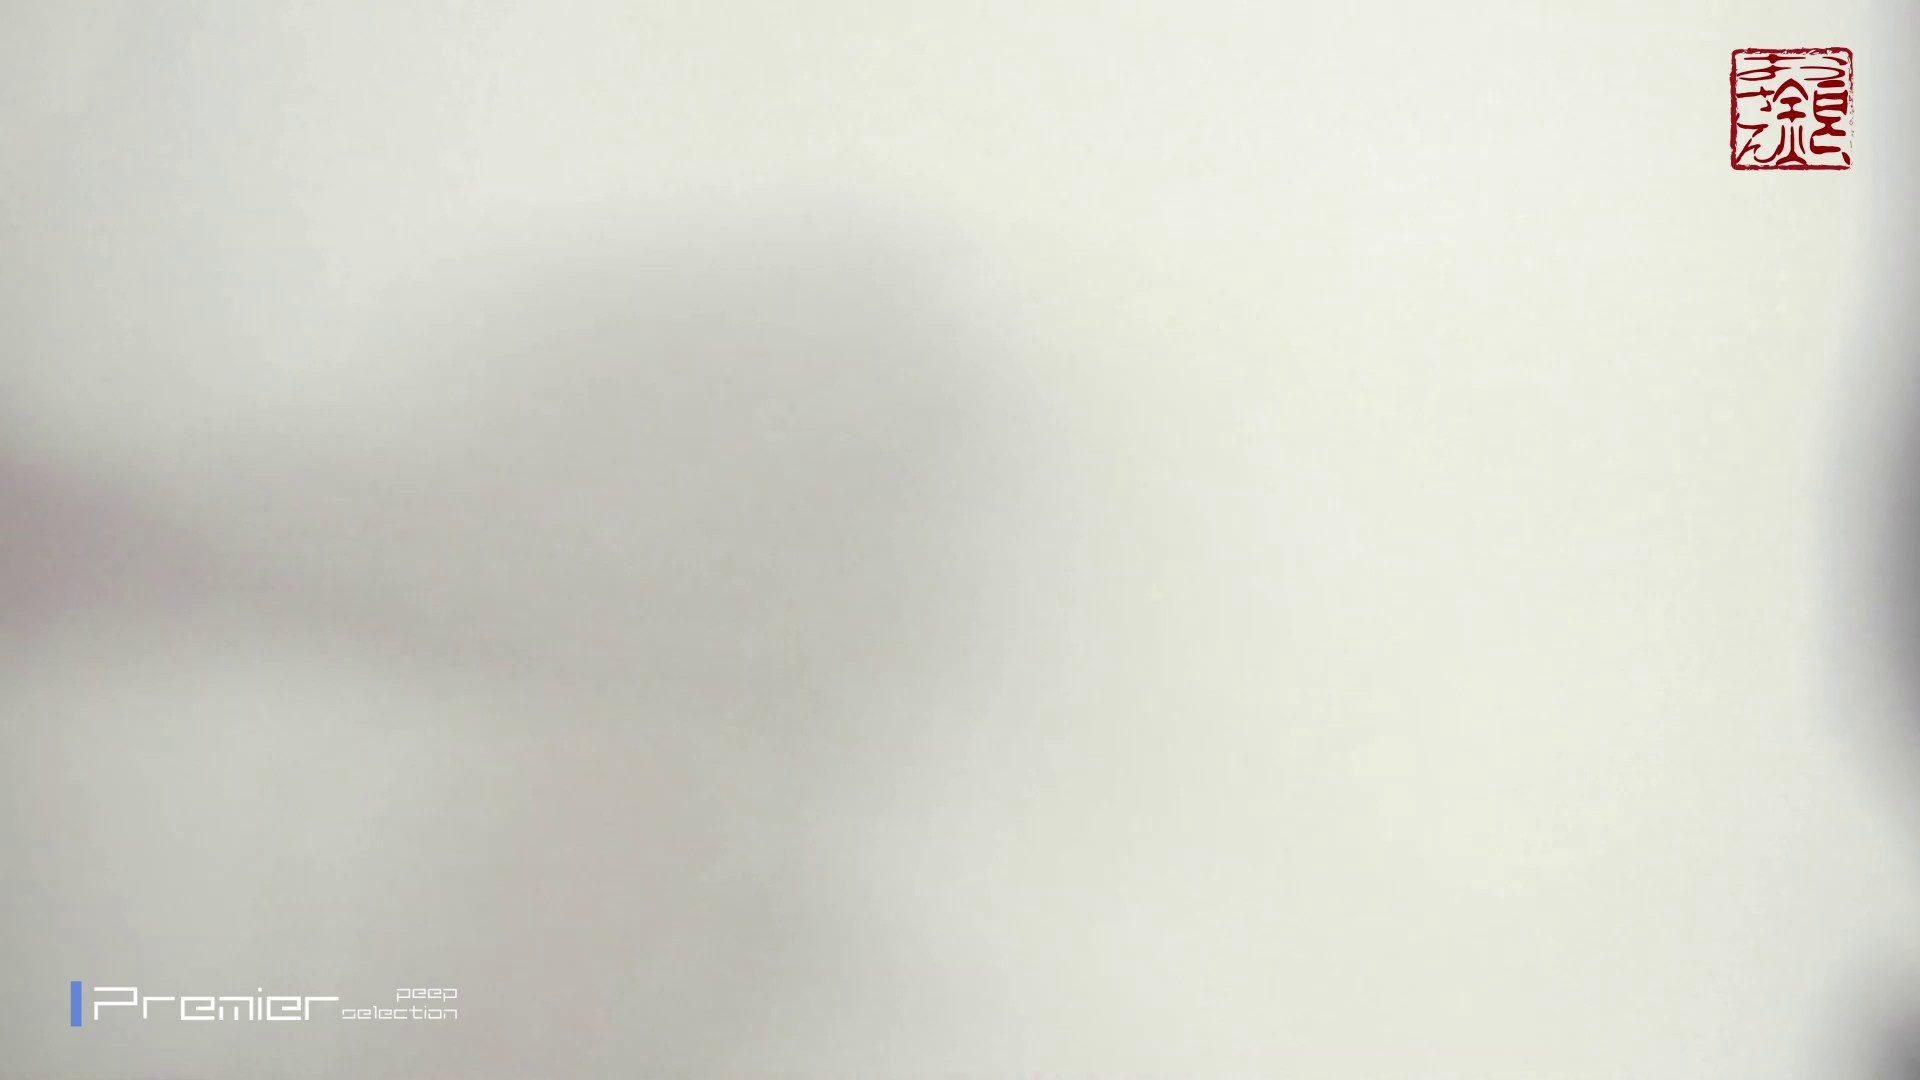 アダルトエロ動画|お銀さんの「洗面所突入レポート!!」Nol.7|怪盗ジョーカー